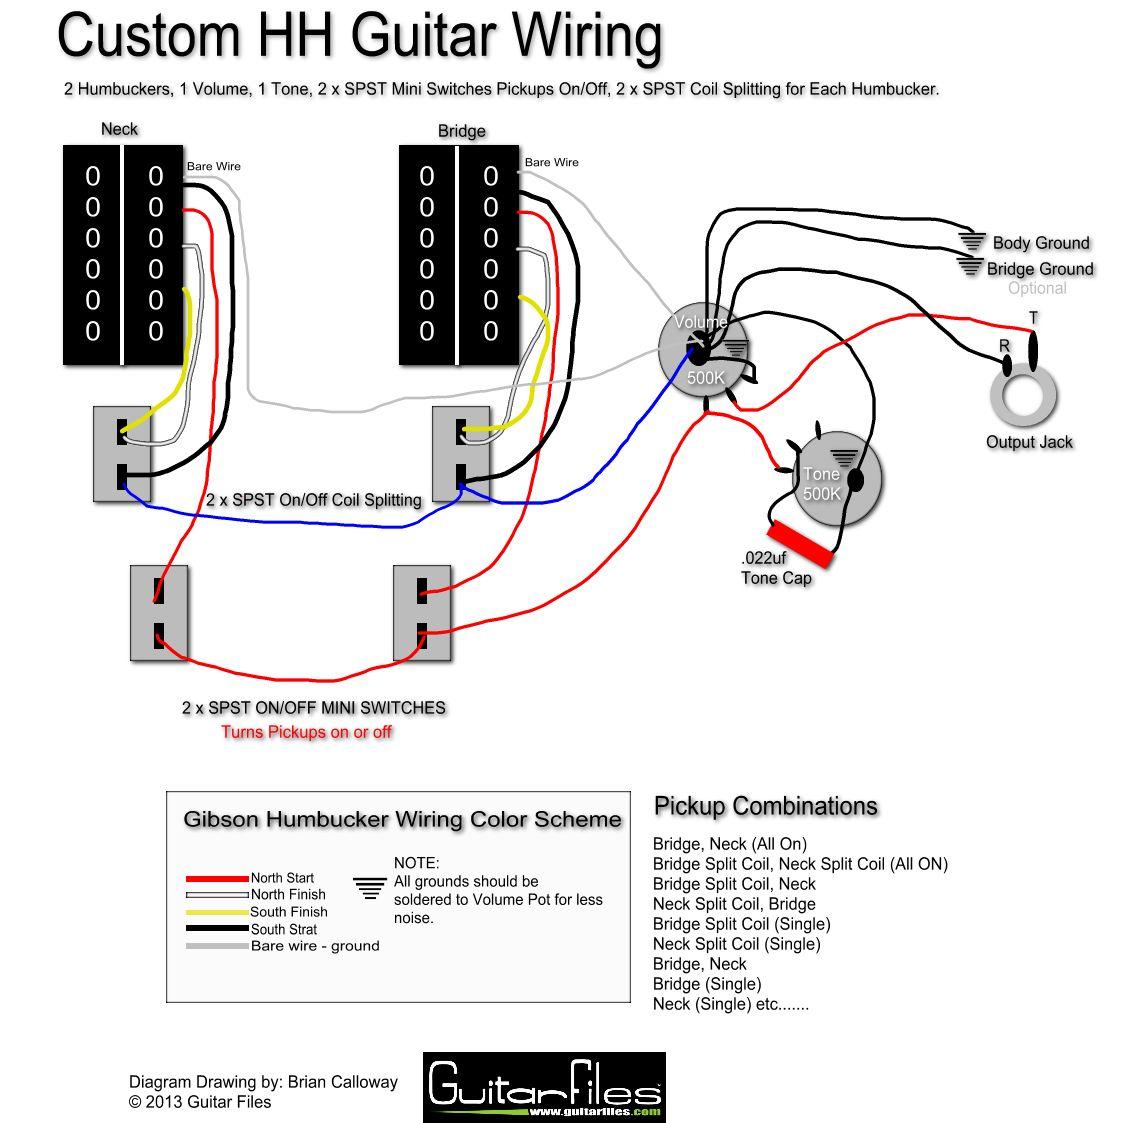 Fender Strat Hh Wiring Diagram